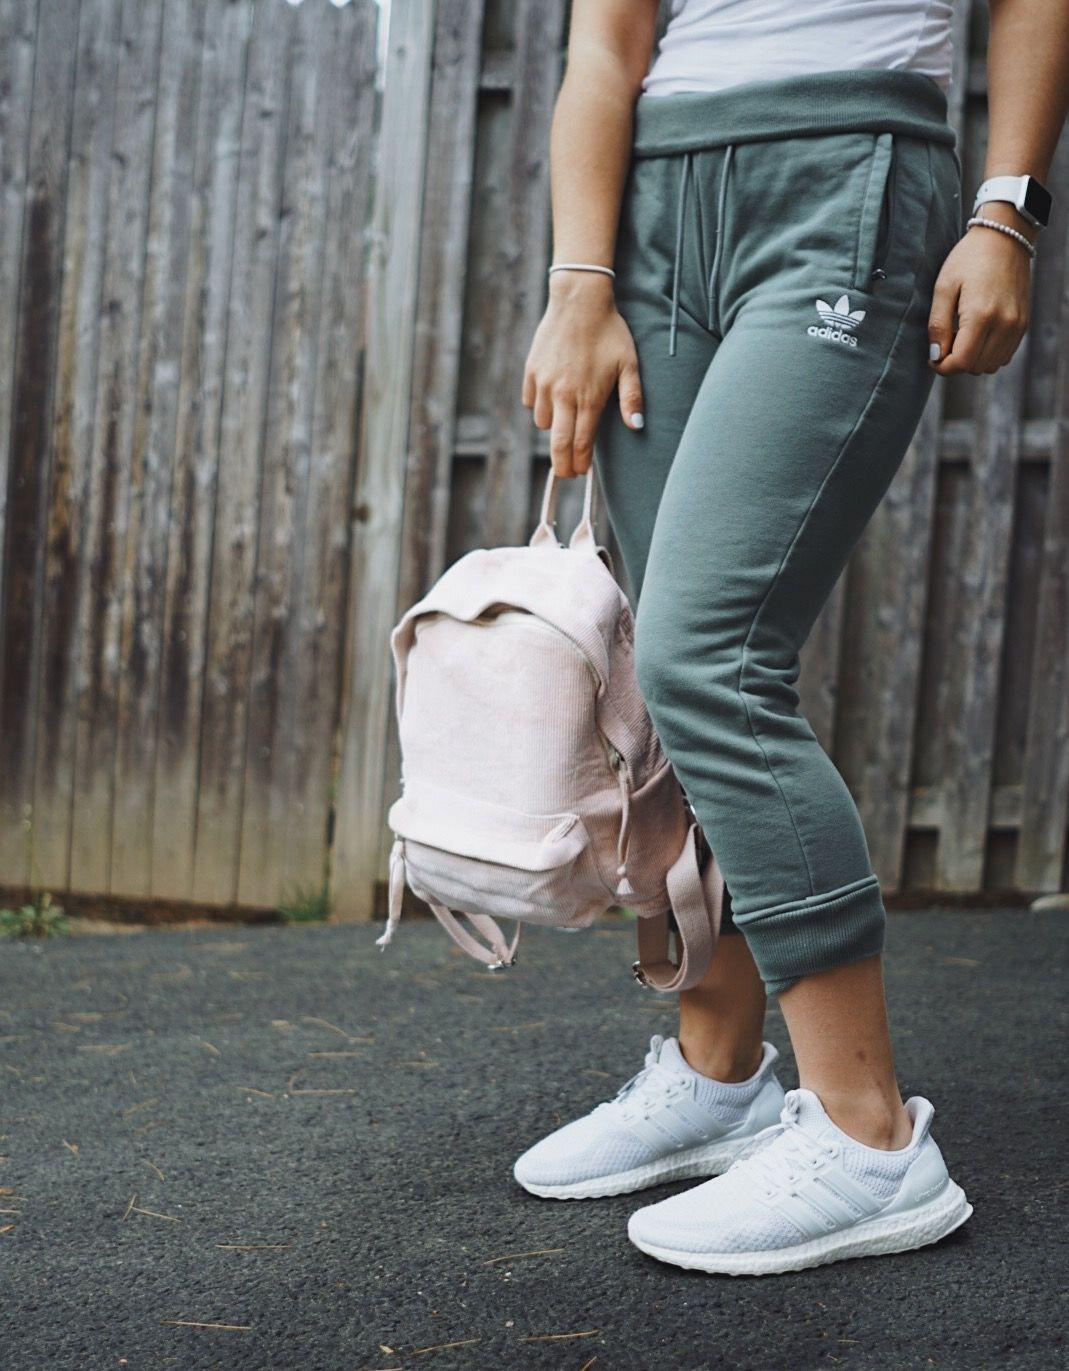 Sensación Conclusión Humorístico  adidas ultraboost 1.0 yeezy adidas women adidas outfit ideas adidas fashion  idea streetwear street… | Adidas yeezy women, Adidas outfit women, Adidas  joggers outfit